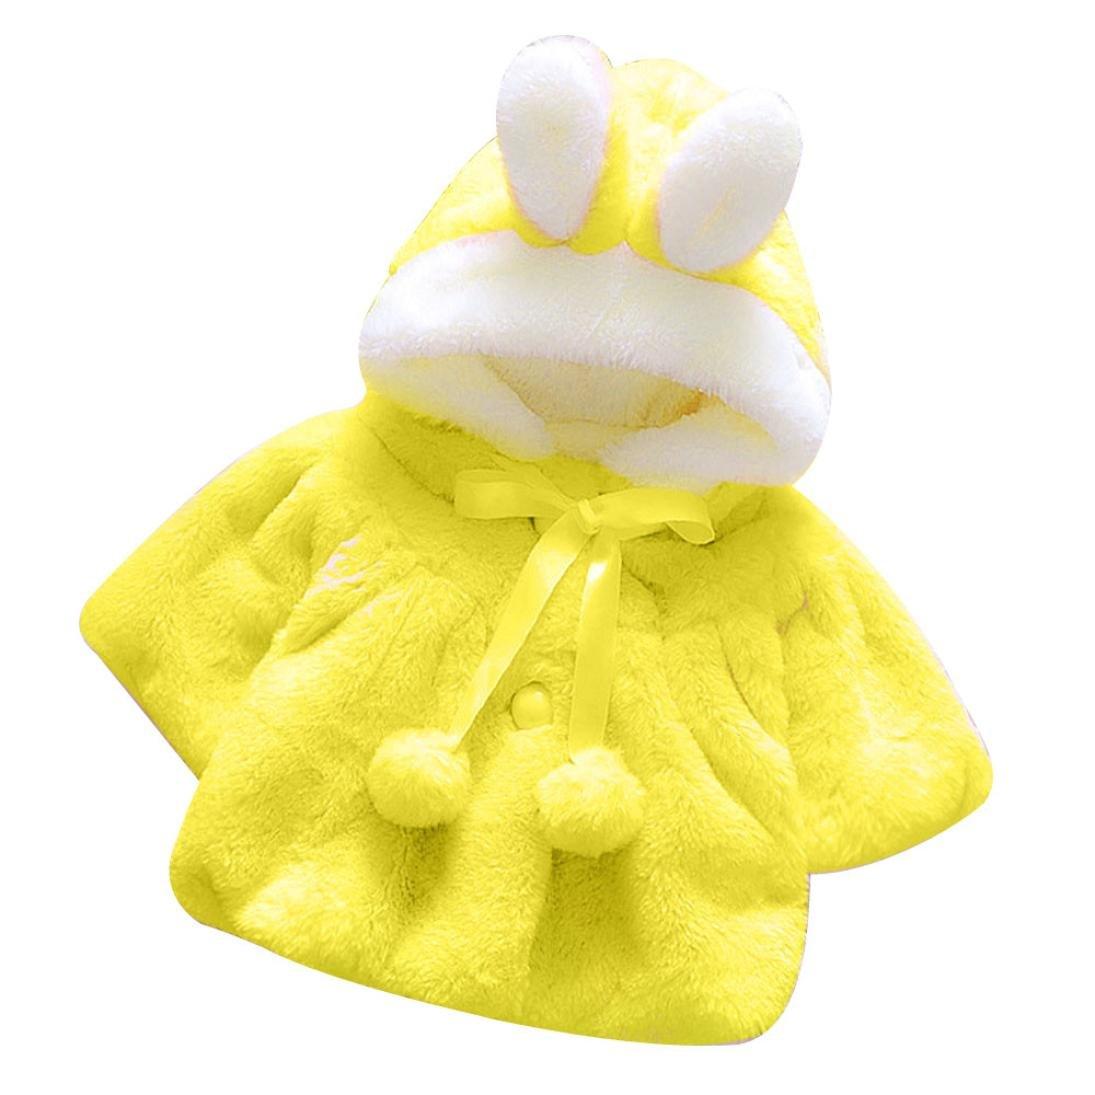 【代引可】 Muxikaファッション赤ちゃん女の子ファー冬暖かいコートクロークジャケット厚い暖かい服 イエロー B07DXH1DN9 イエロー 12-18 M 12-18 12-18 12-18 M イエロー, 田んぼや:0f74477e --- arianechie.dominiotemporario.com